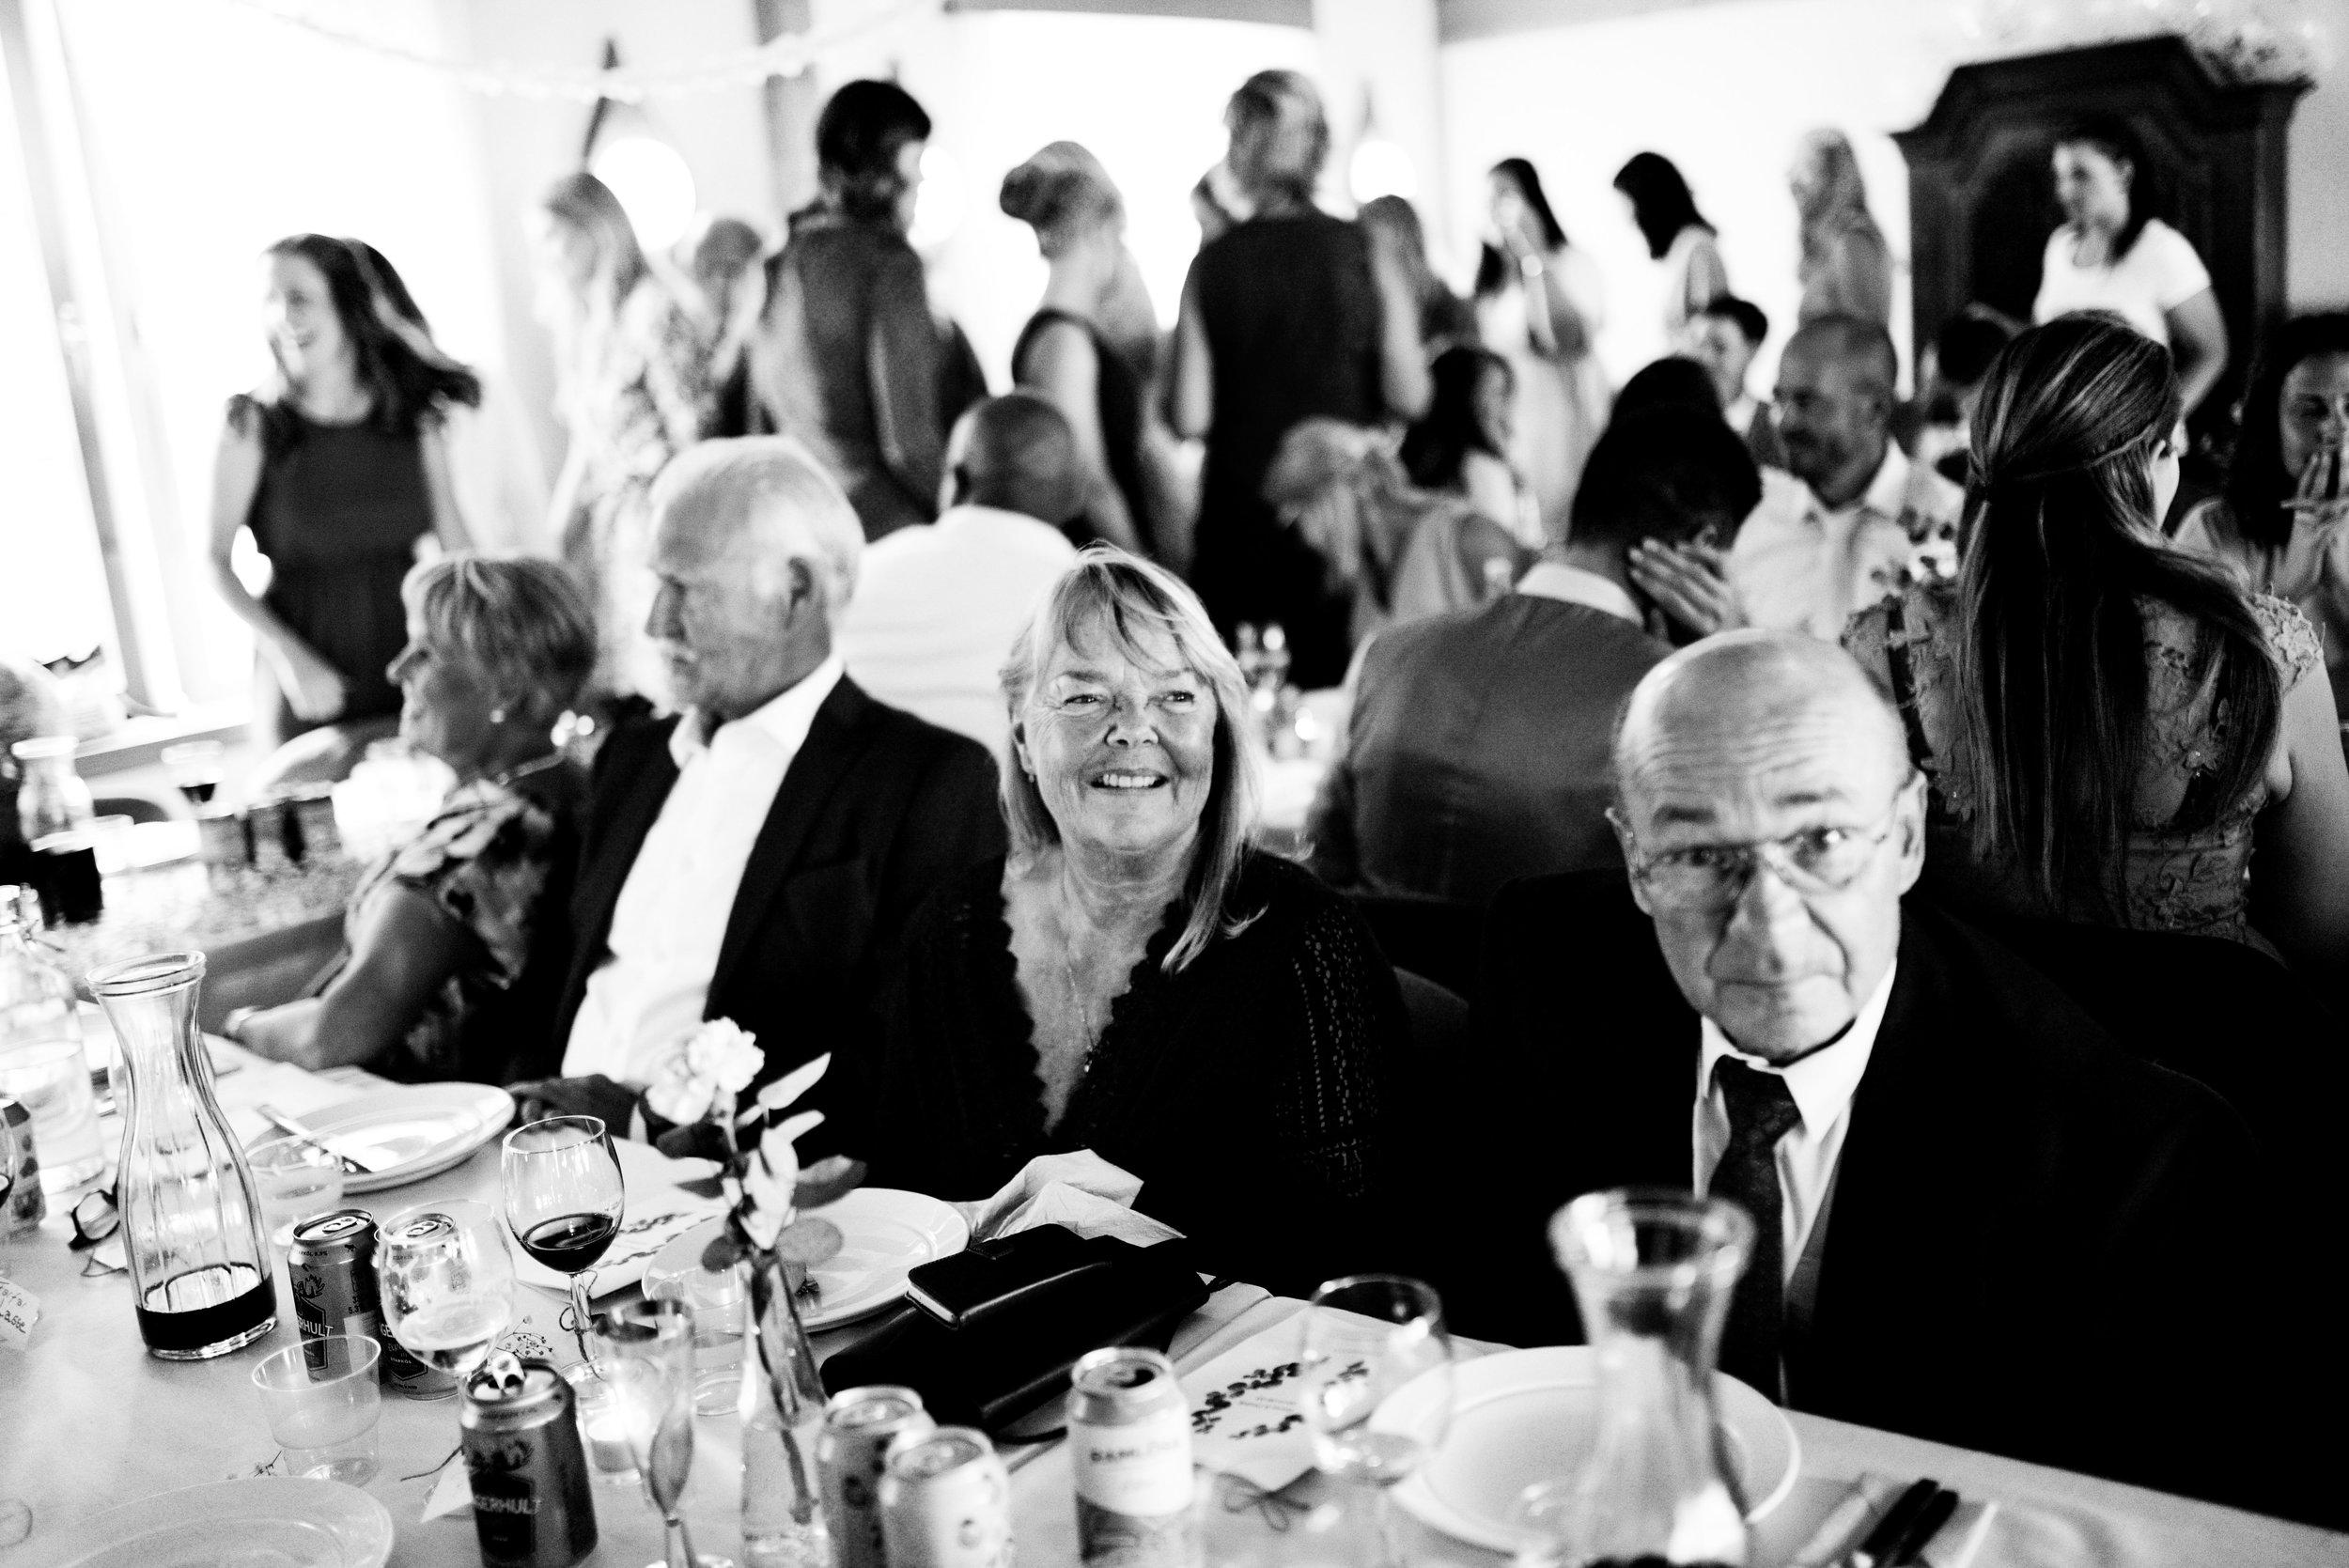 Bröllop2019lågkvall2-6104.jpg